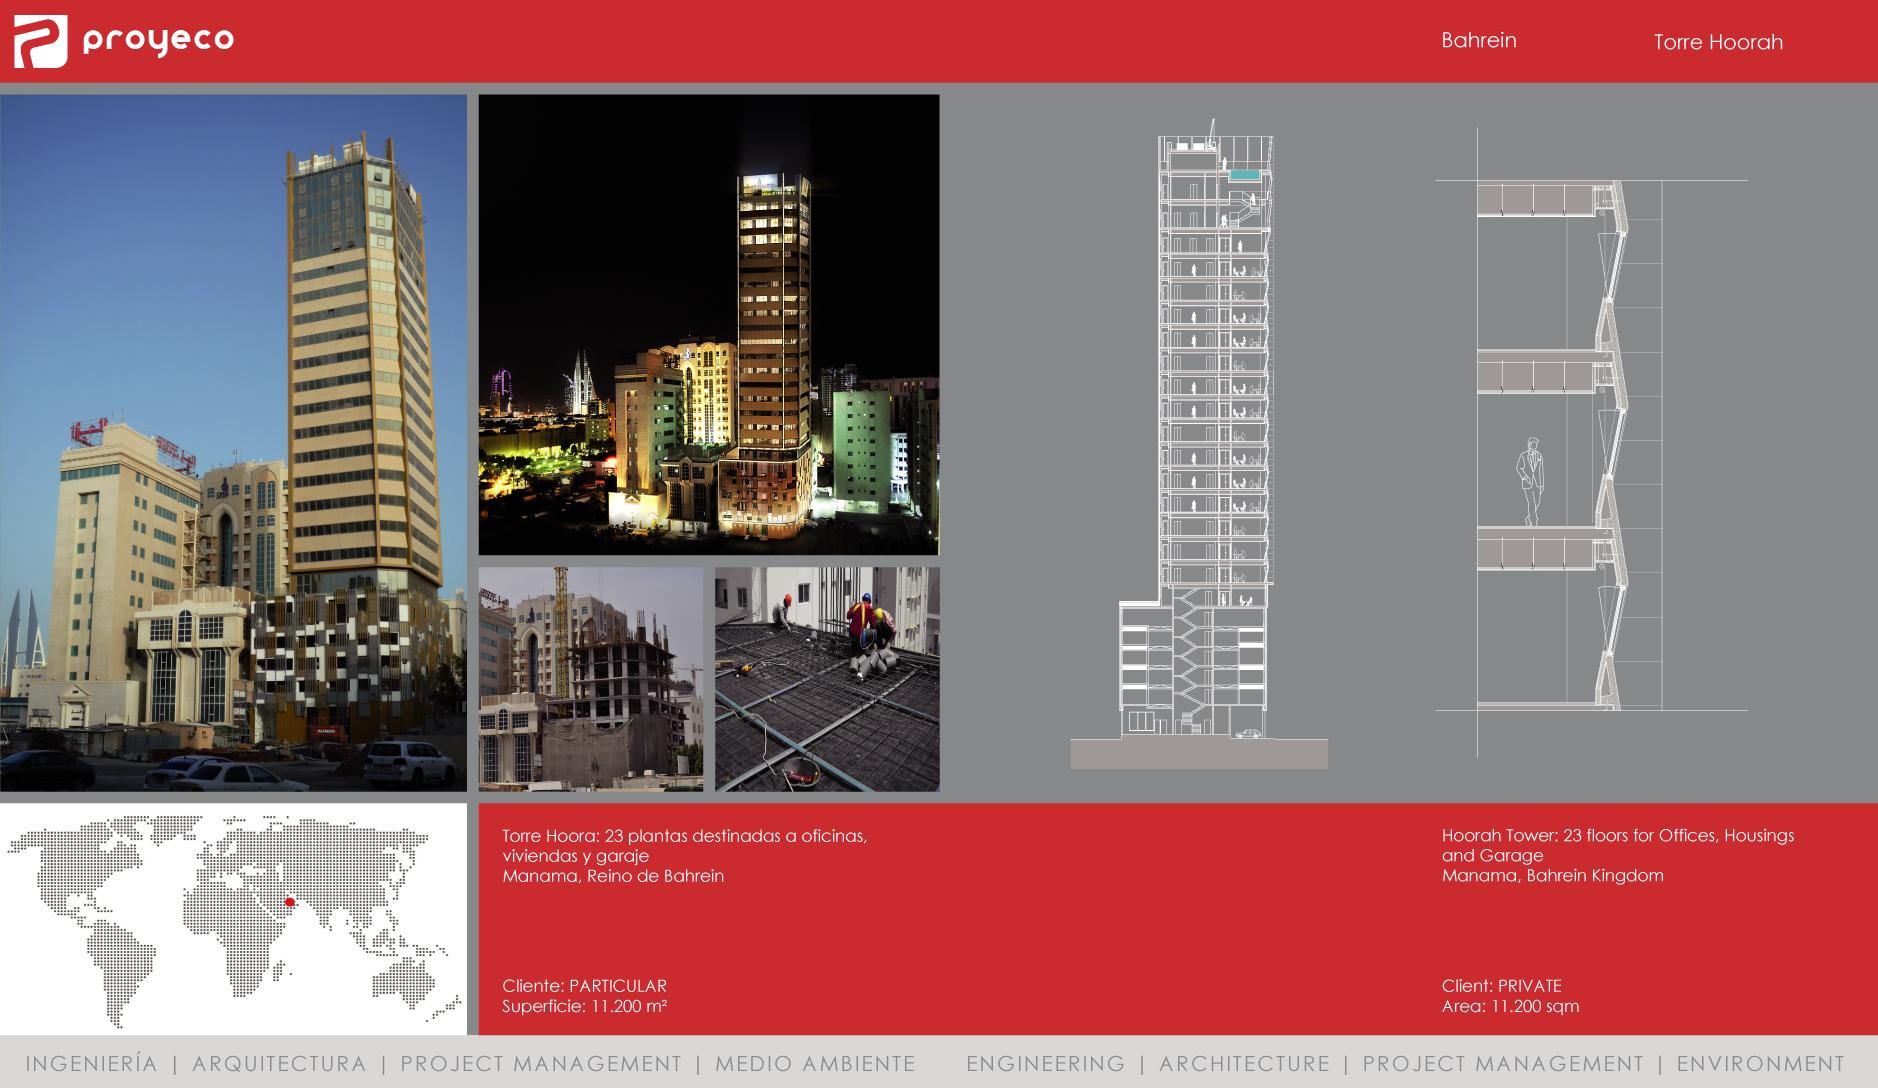 27_Hoorah-Tower